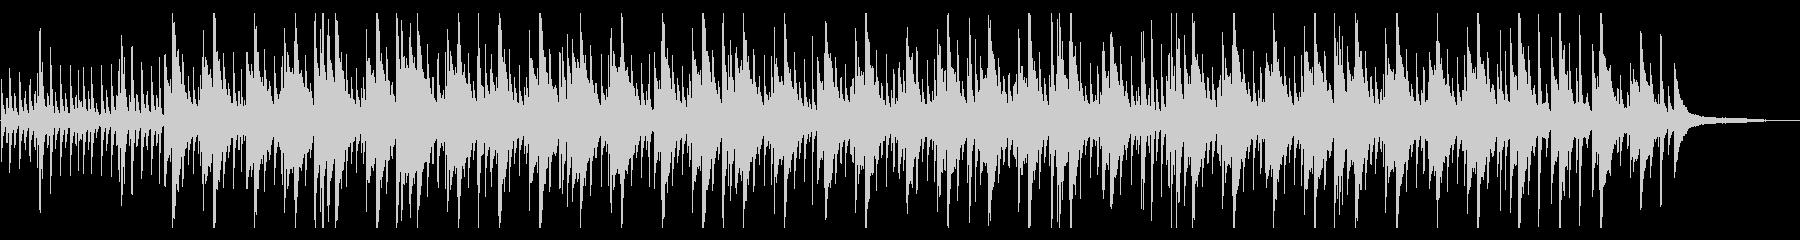 CMやVPにピアノソロおしゃれジャズ和音の未再生の波形